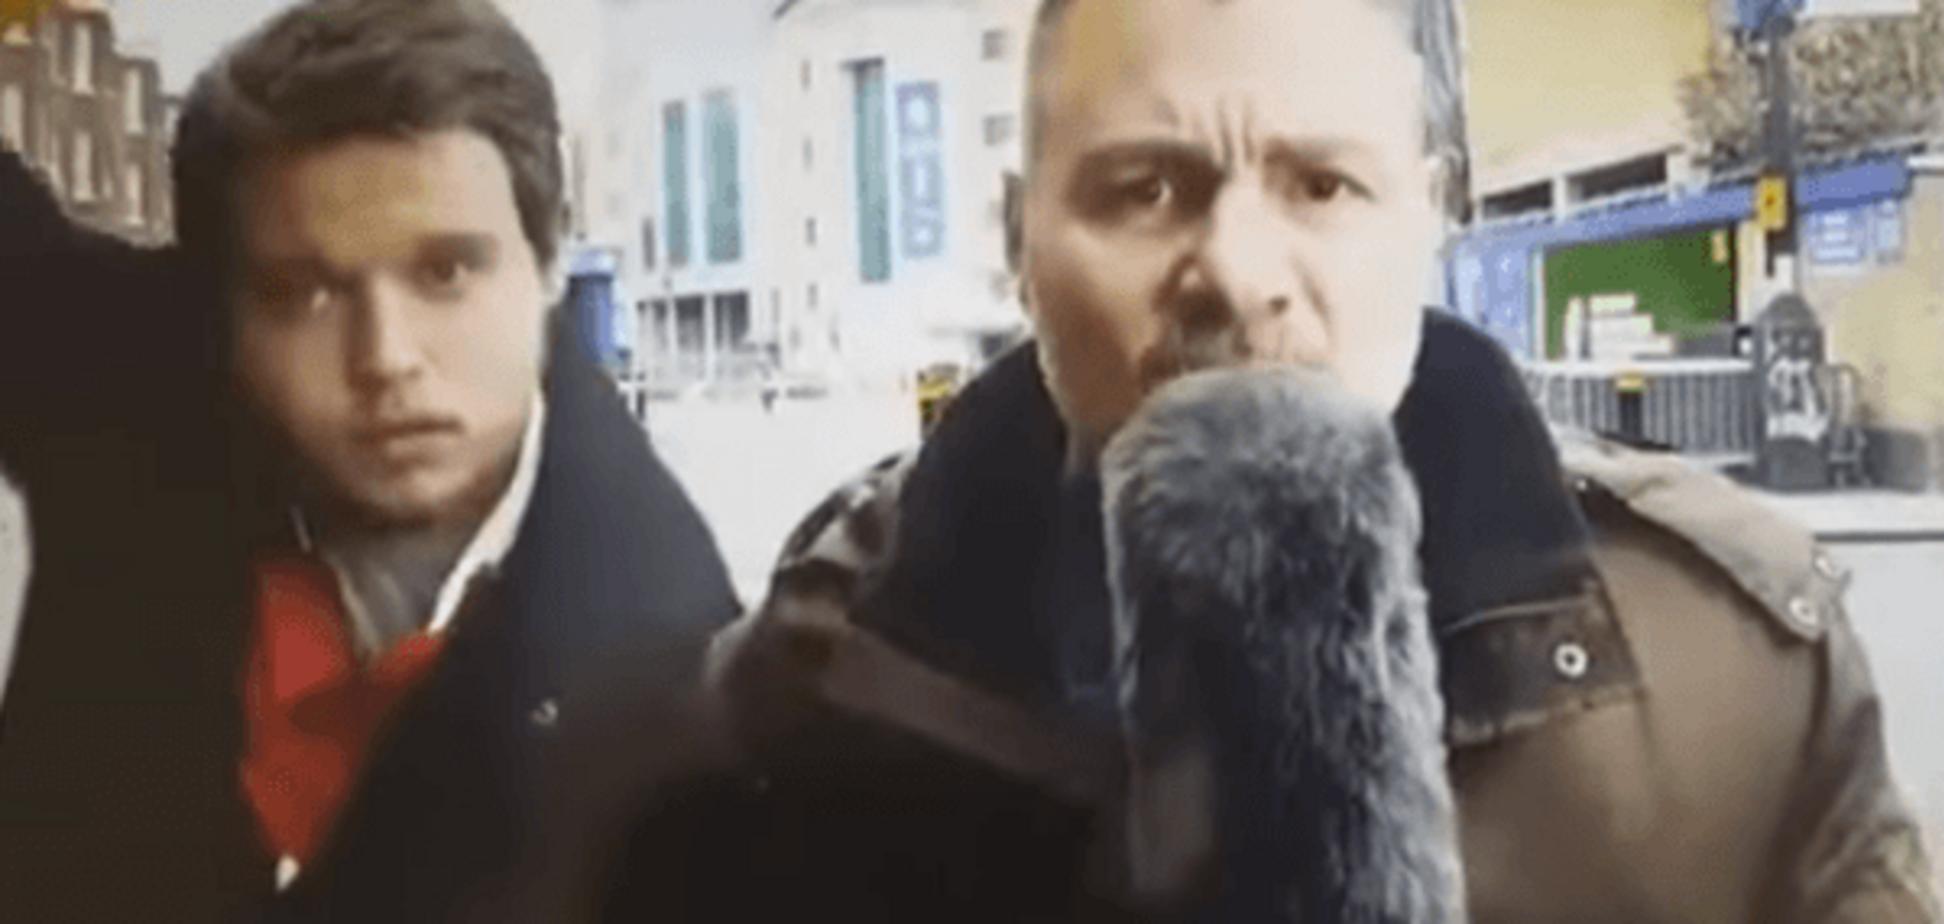 Спортивный репортер избил пристававшего к нему мужчину огромным бананом: видео происшествия